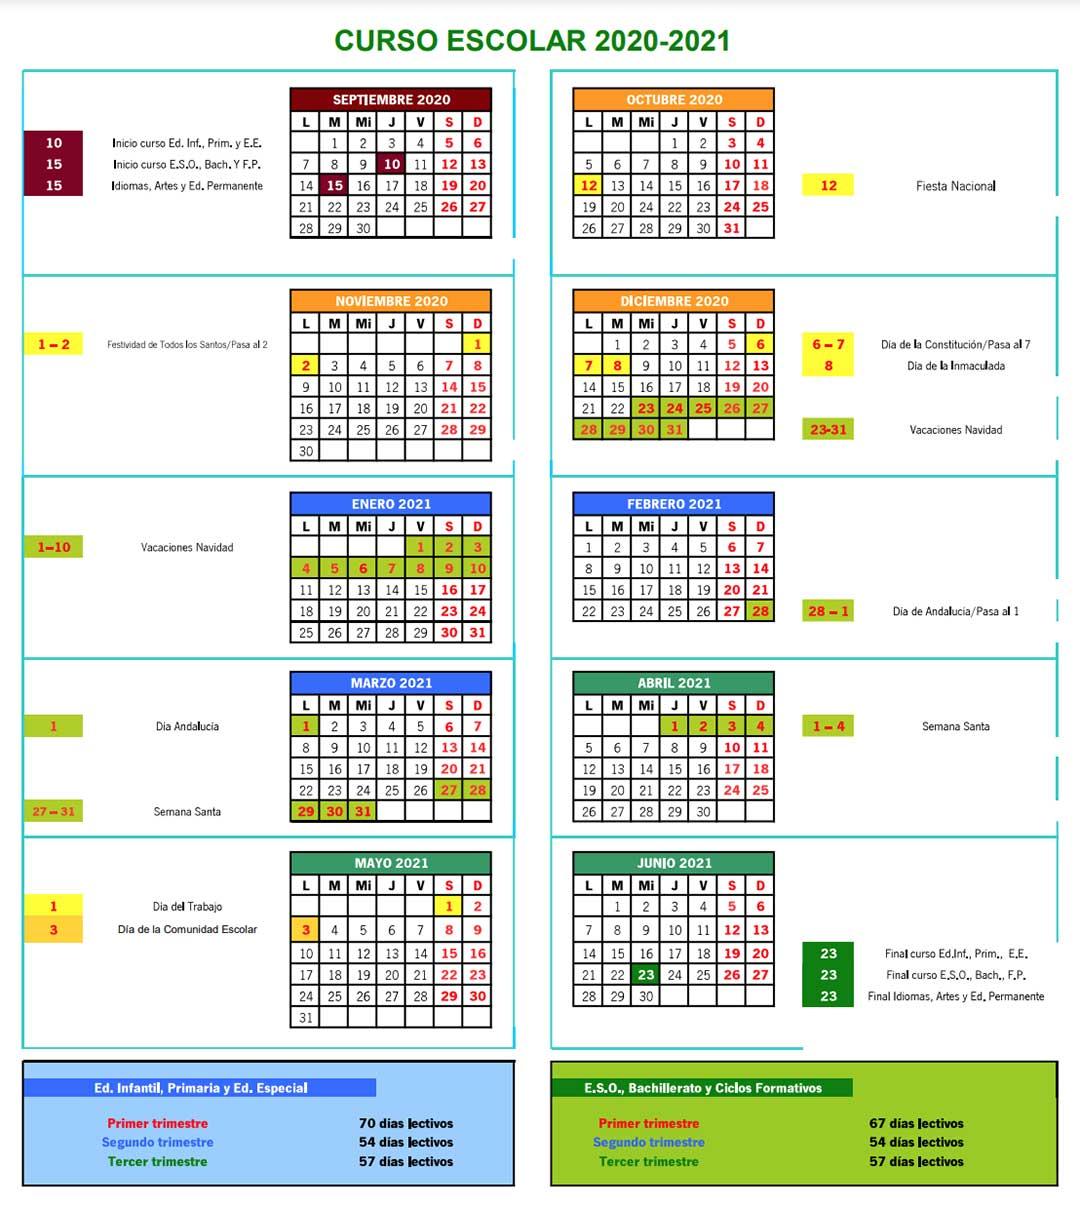 Curso escolar Jaén 2020-2021